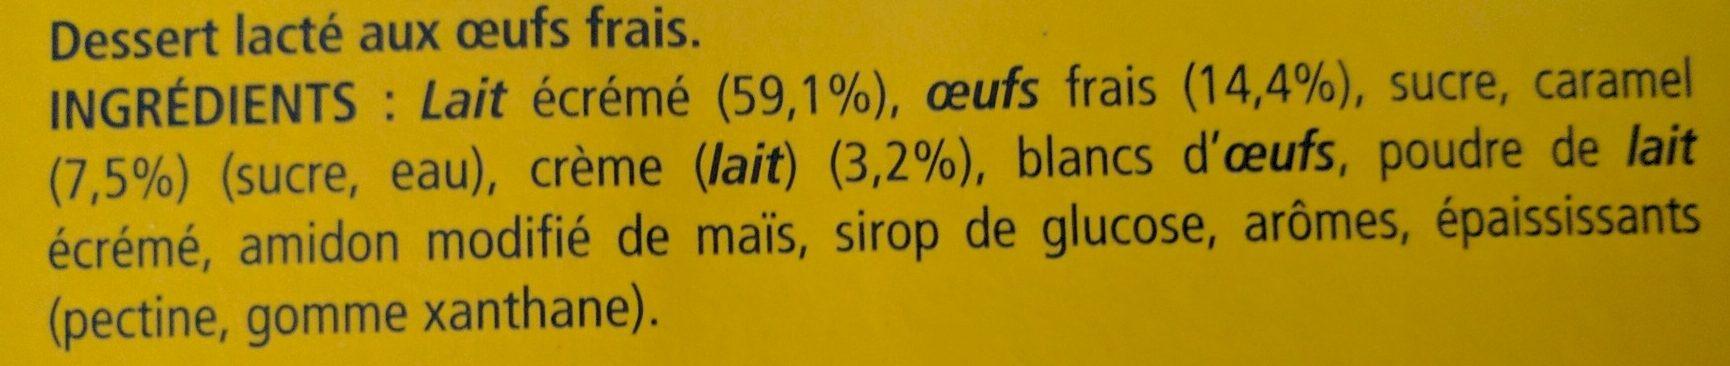 Crème Caramel Cuite & Dorée au four - Ingrédients - fr